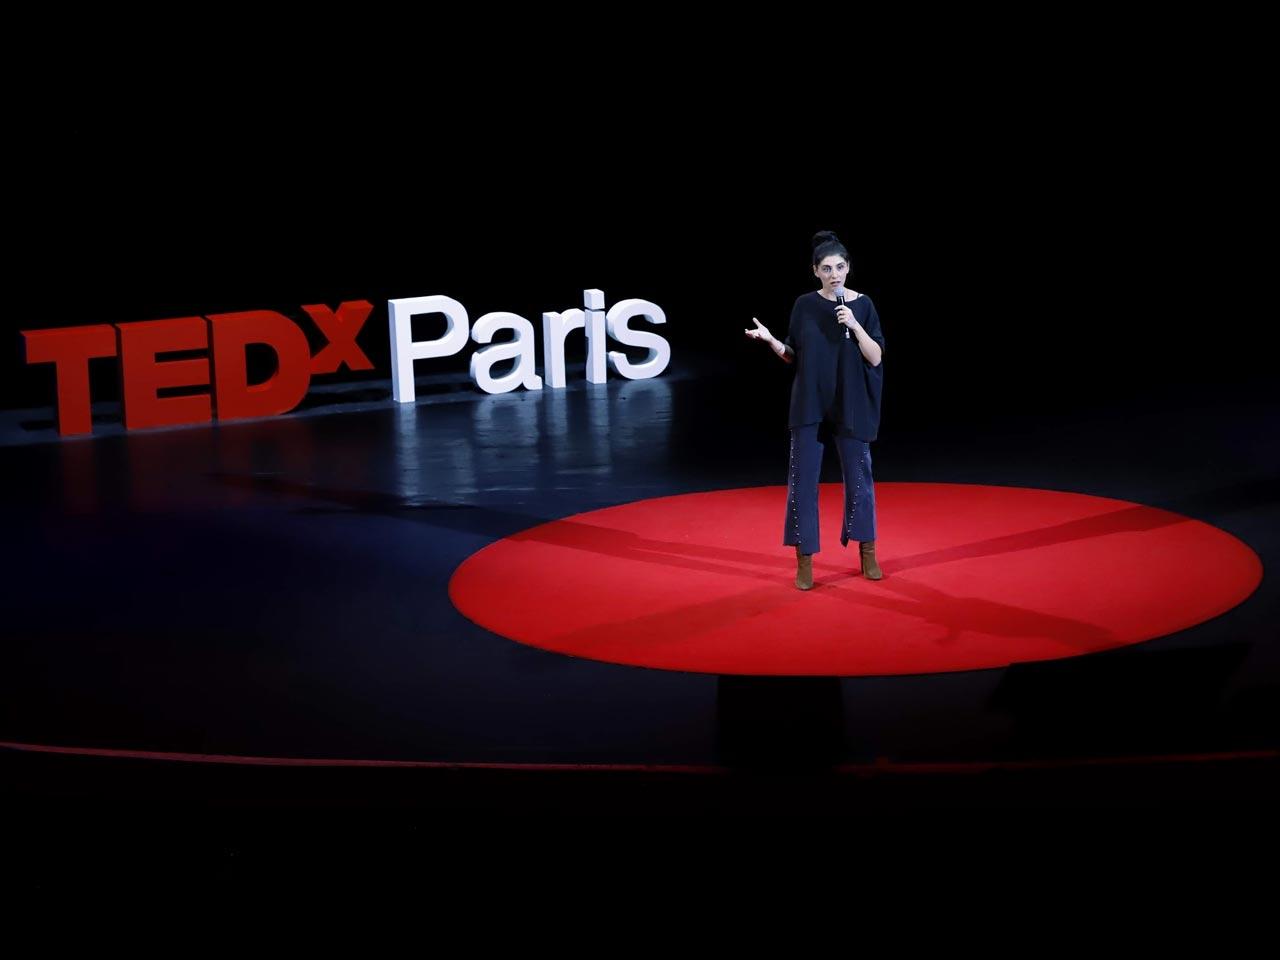 Nos événements - Plongez dans les coulisses des conférences TEDxParis, revivez les temps forts et laissez-vous gagner par l'émotion !En savoir +